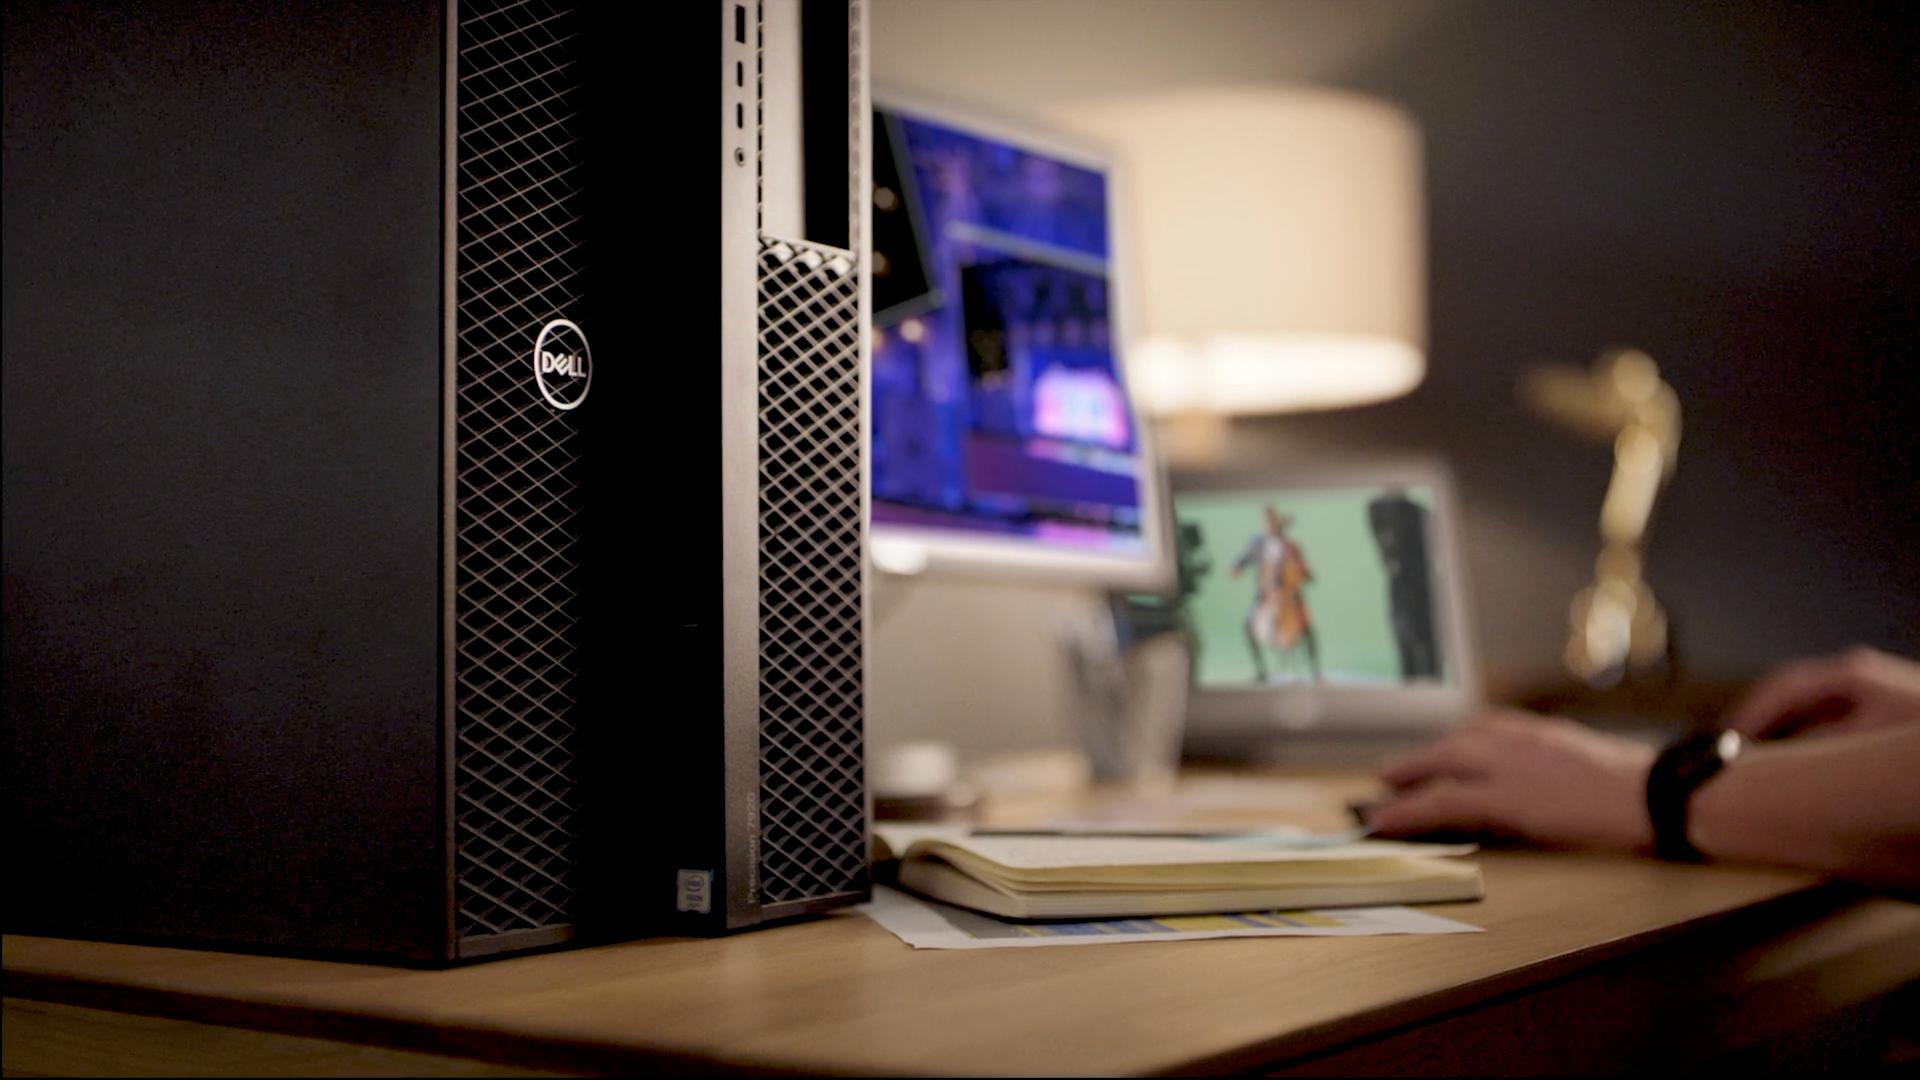 Dell: Sony Innovation Studios Customer Story